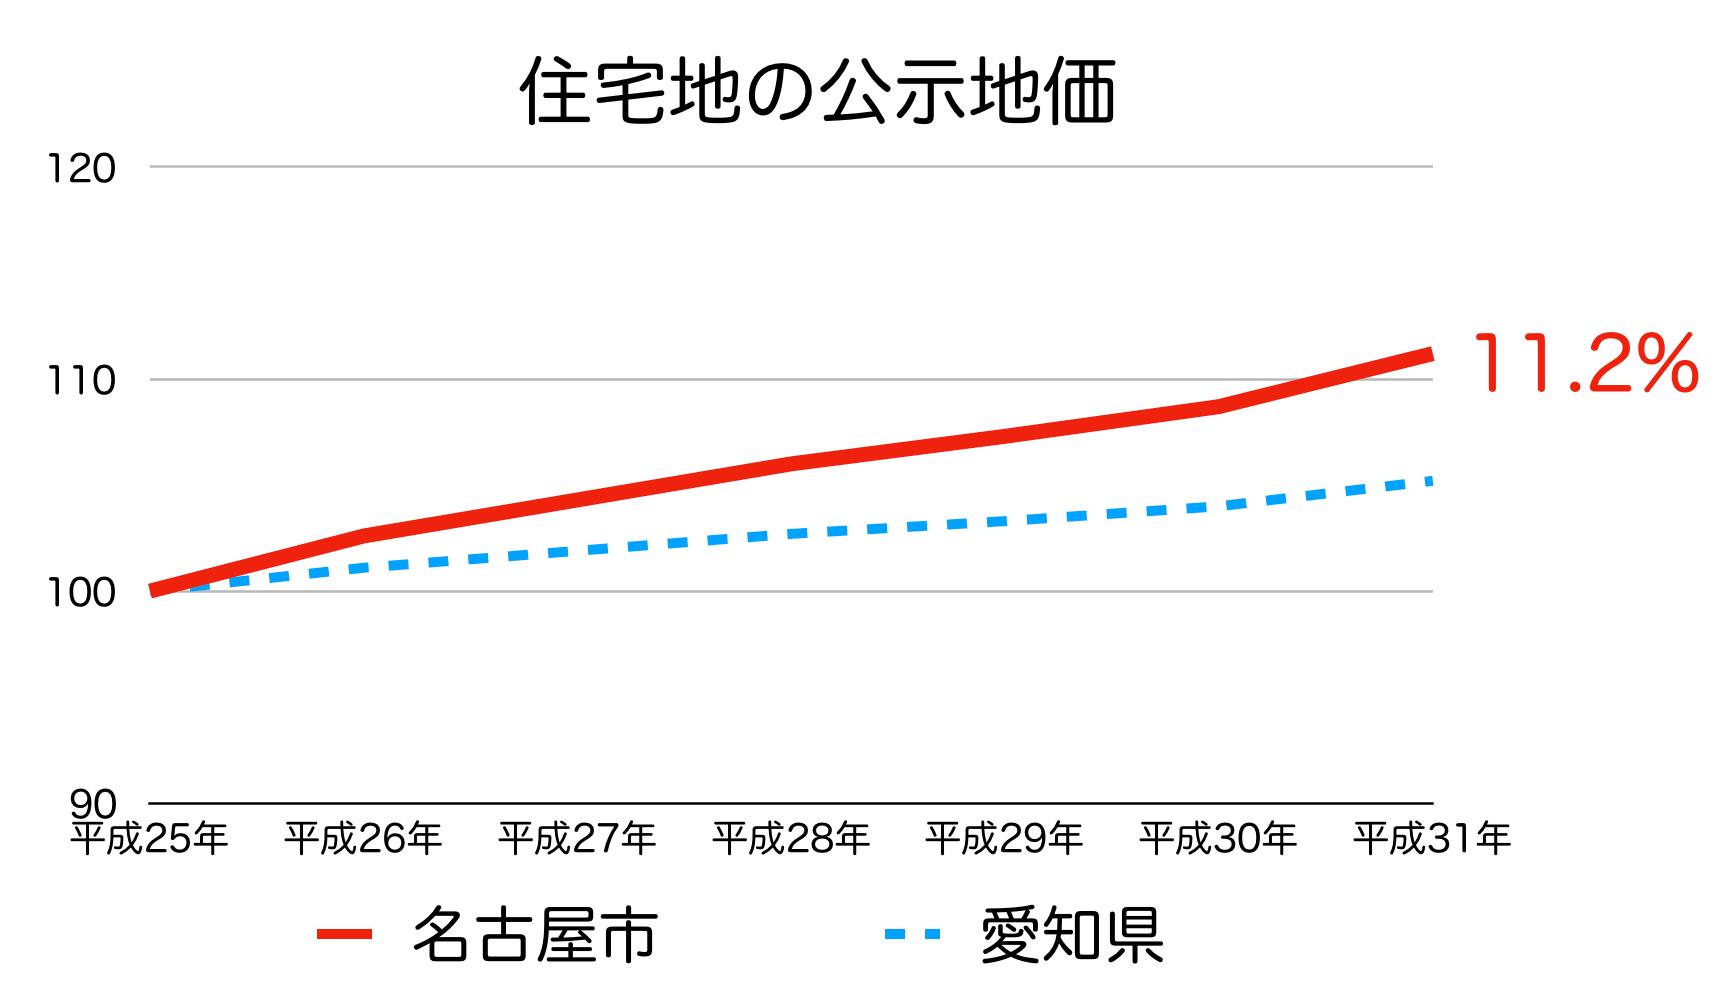 名古屋市の公示地価 H25-H31